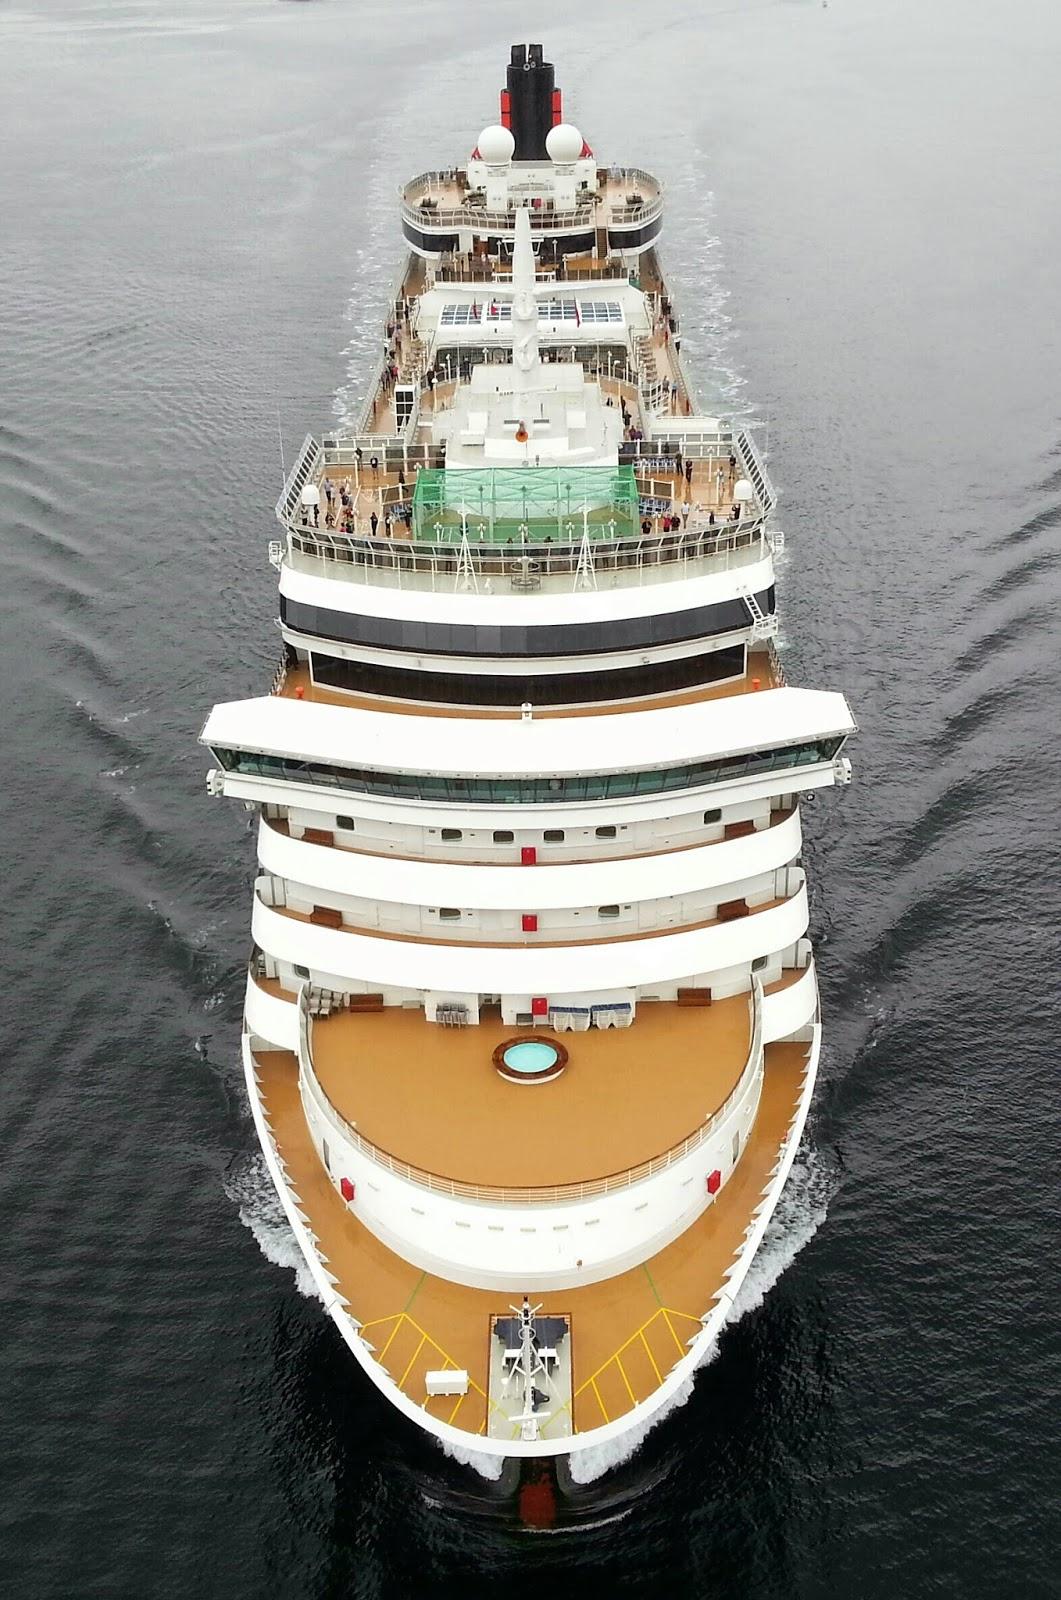 Queen Victoria - Tracking queen victoria cruise ship